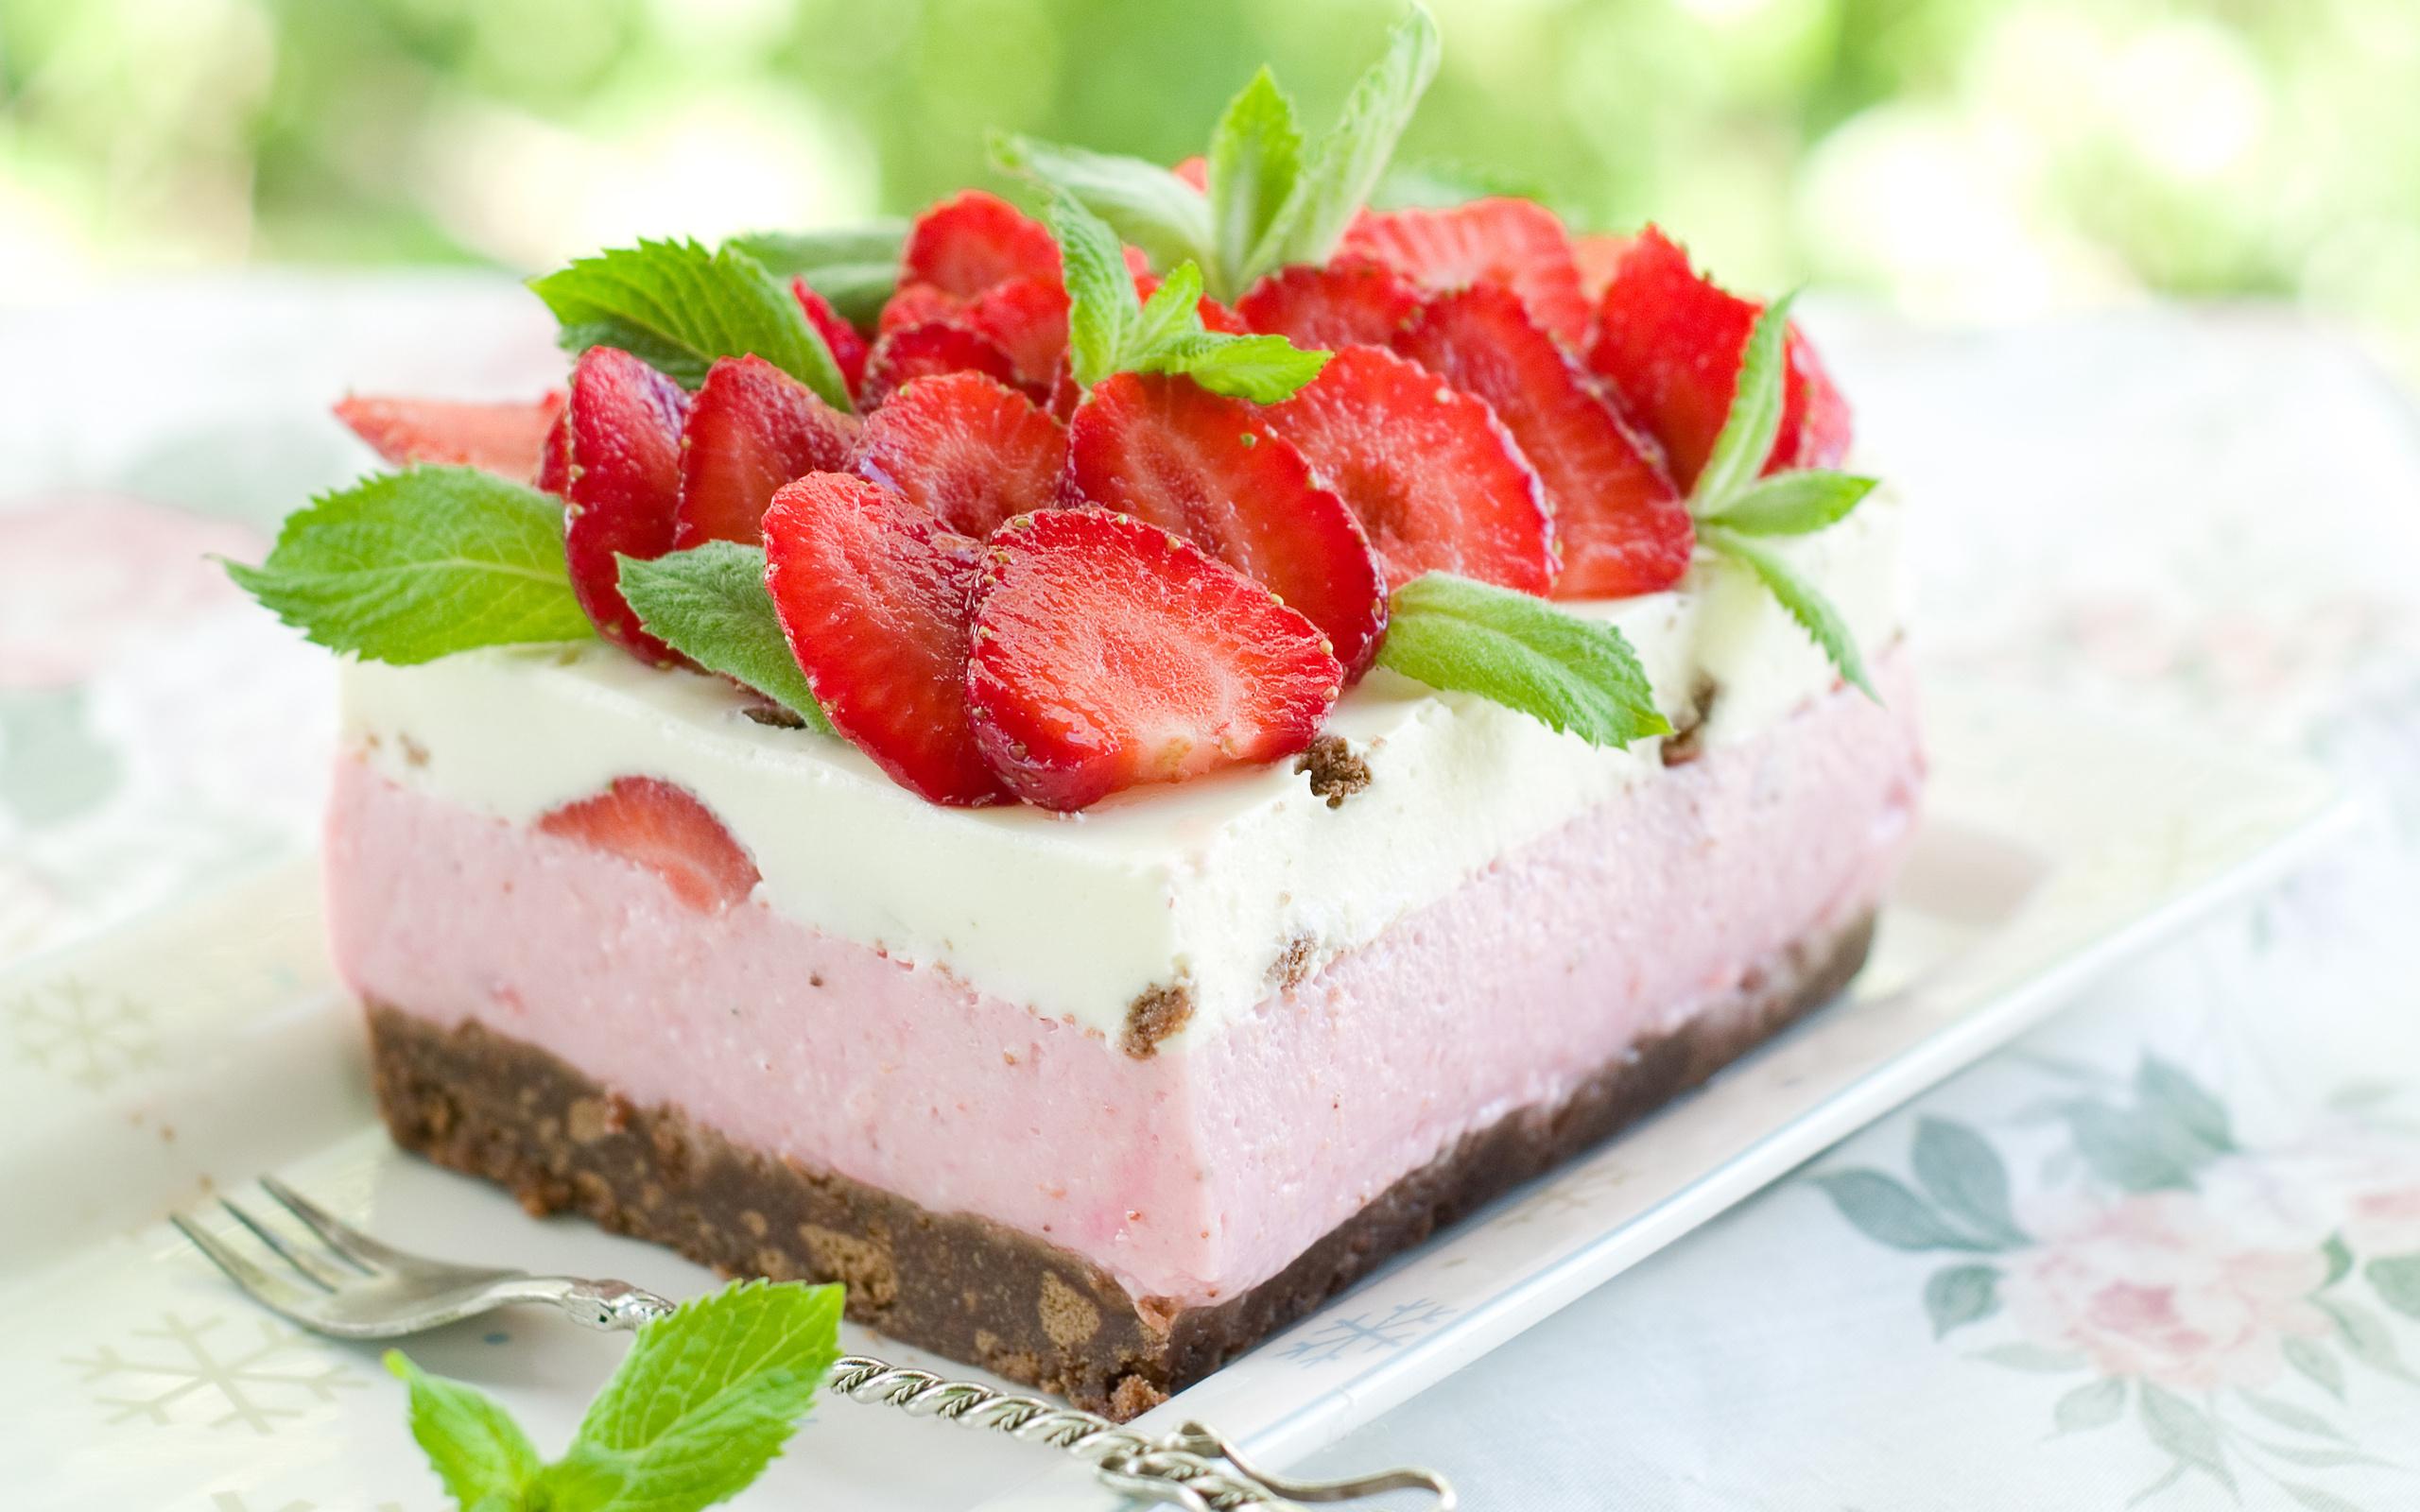 Белый торт с кусочками фруктов  № 2171518 загрузить